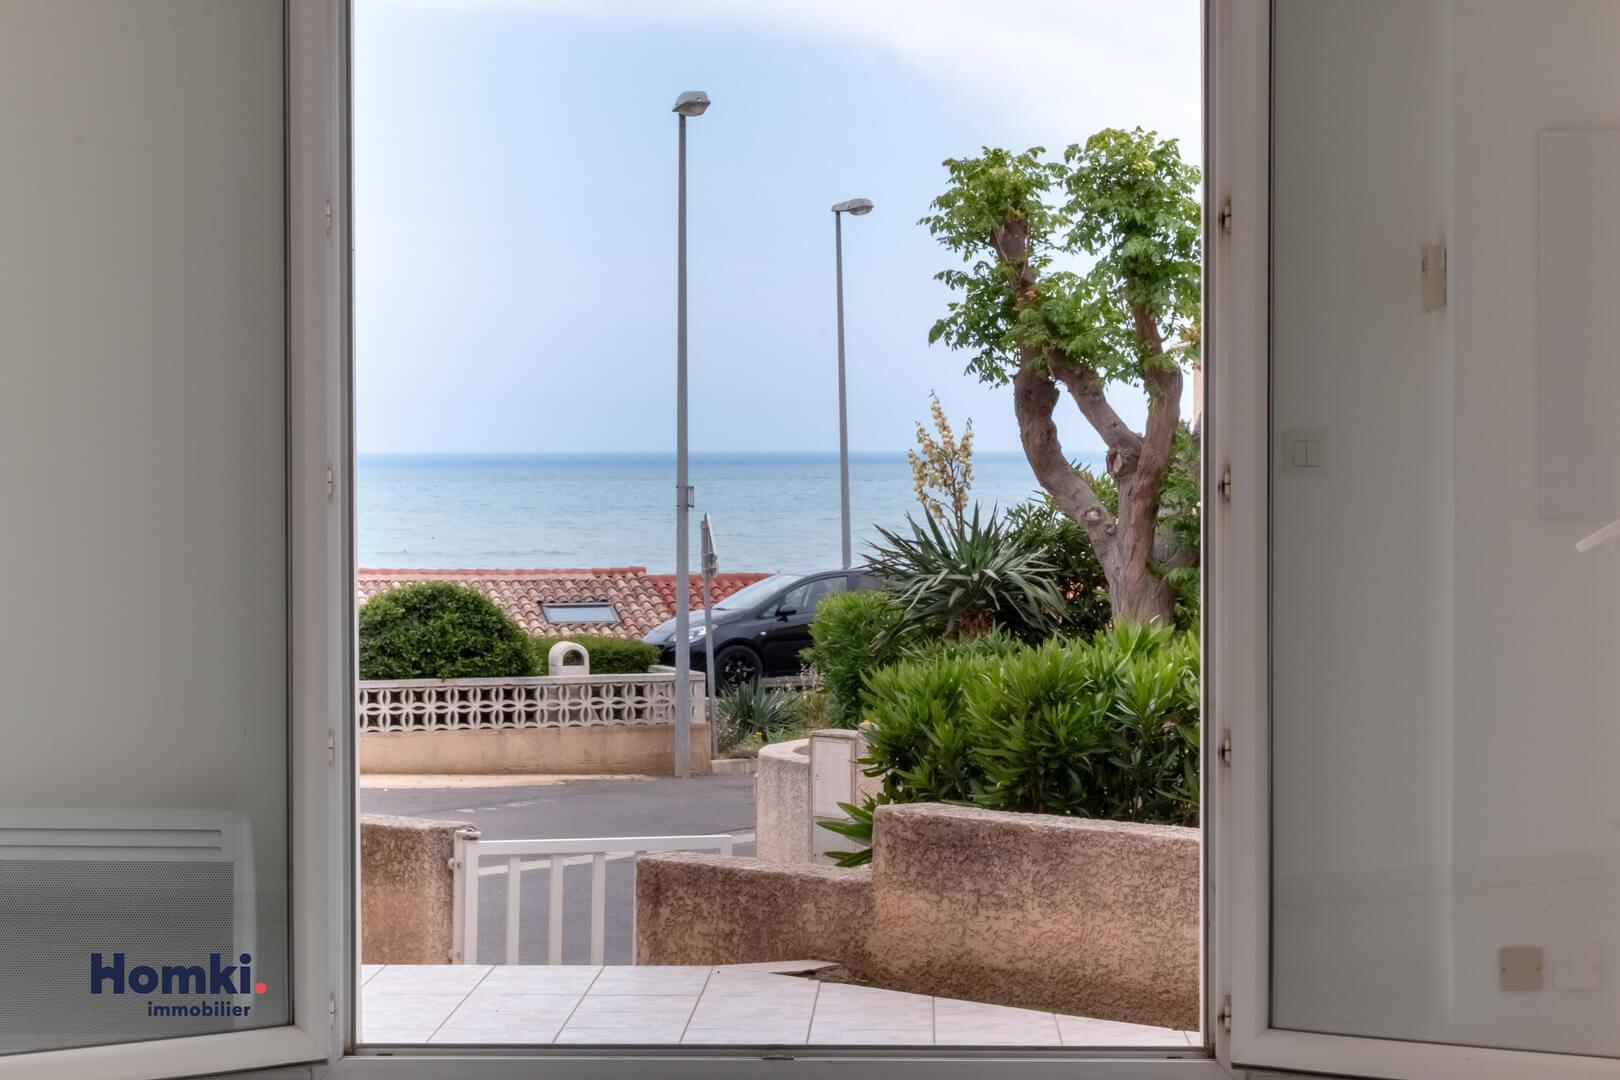 Homki - Vente maison/villa  de 53.0 m² à narbonne plage 11100